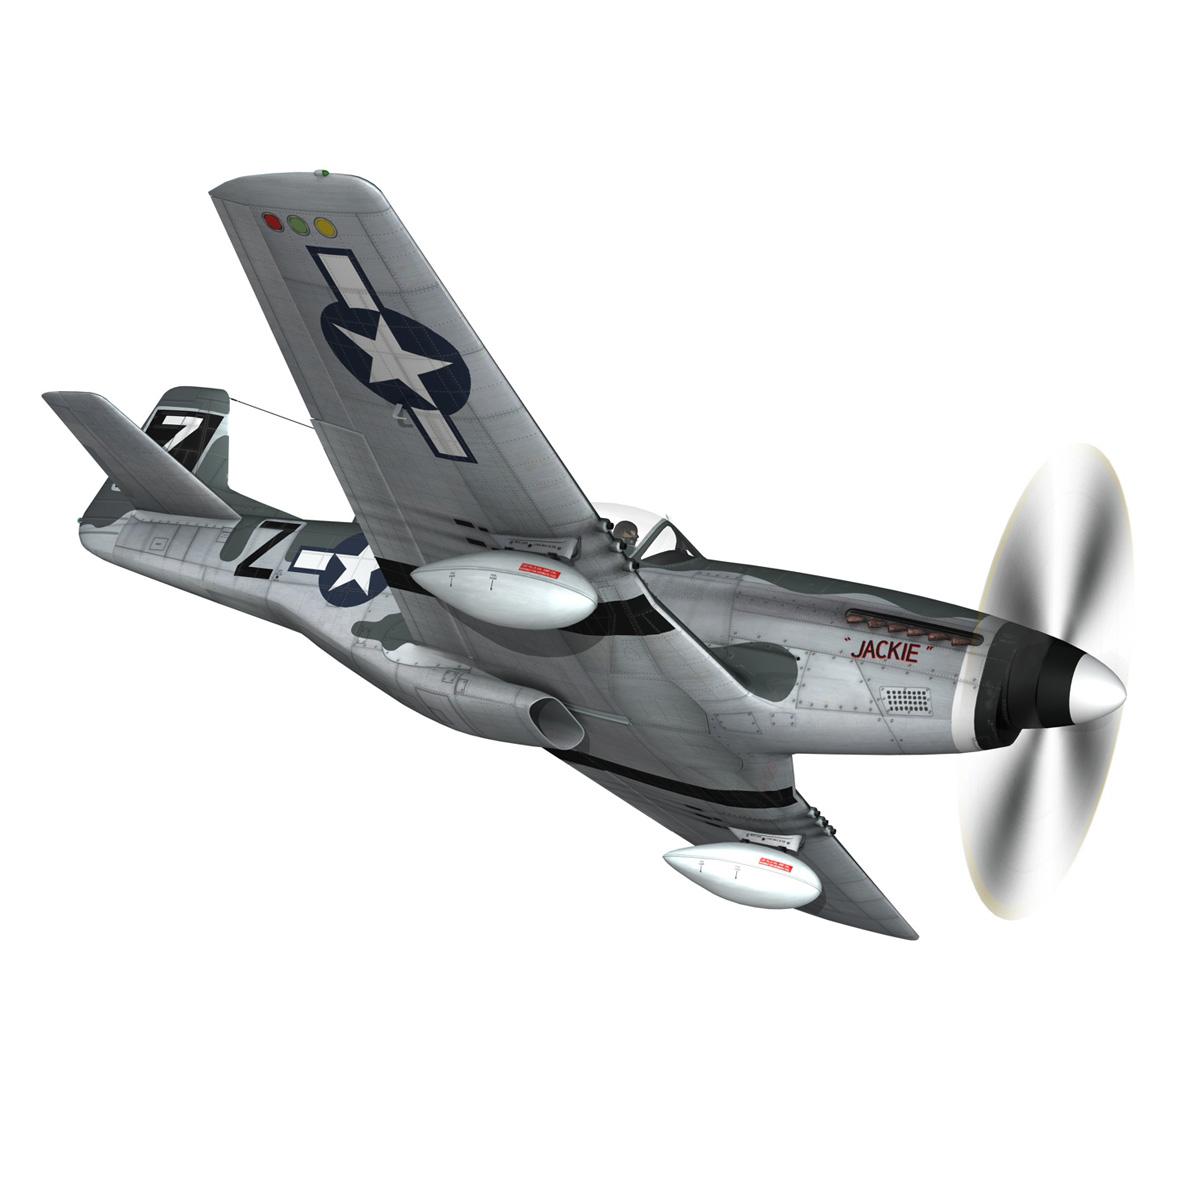 north american p-51d mustang – glengary guy 3d model fbx c4d lwo obj 267522